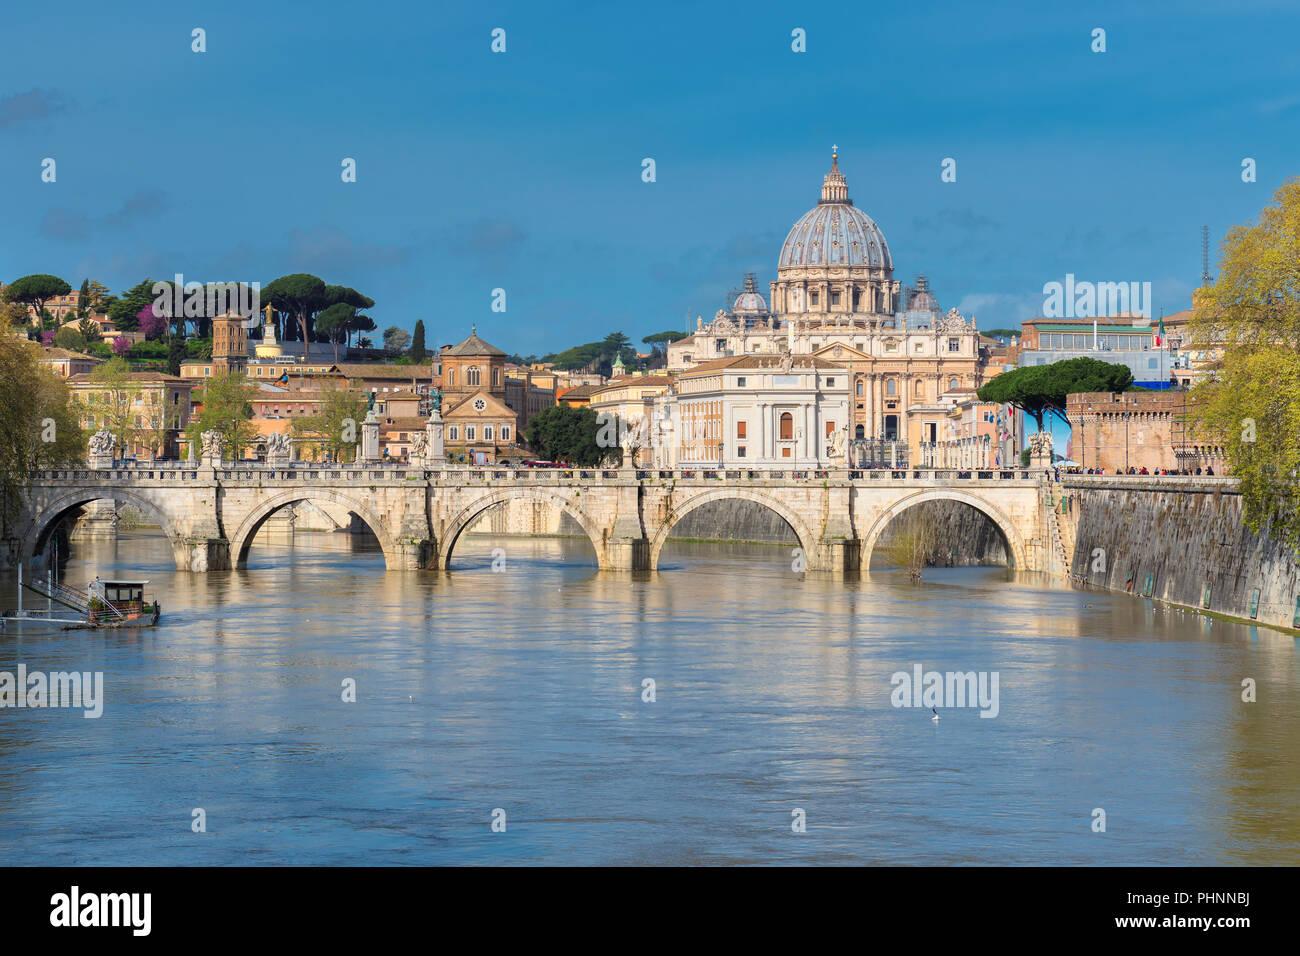 Schönen Blick auf St. Peter Kathedrale mit Brücke im Vatikan, Rom, Italien. Stockfoto